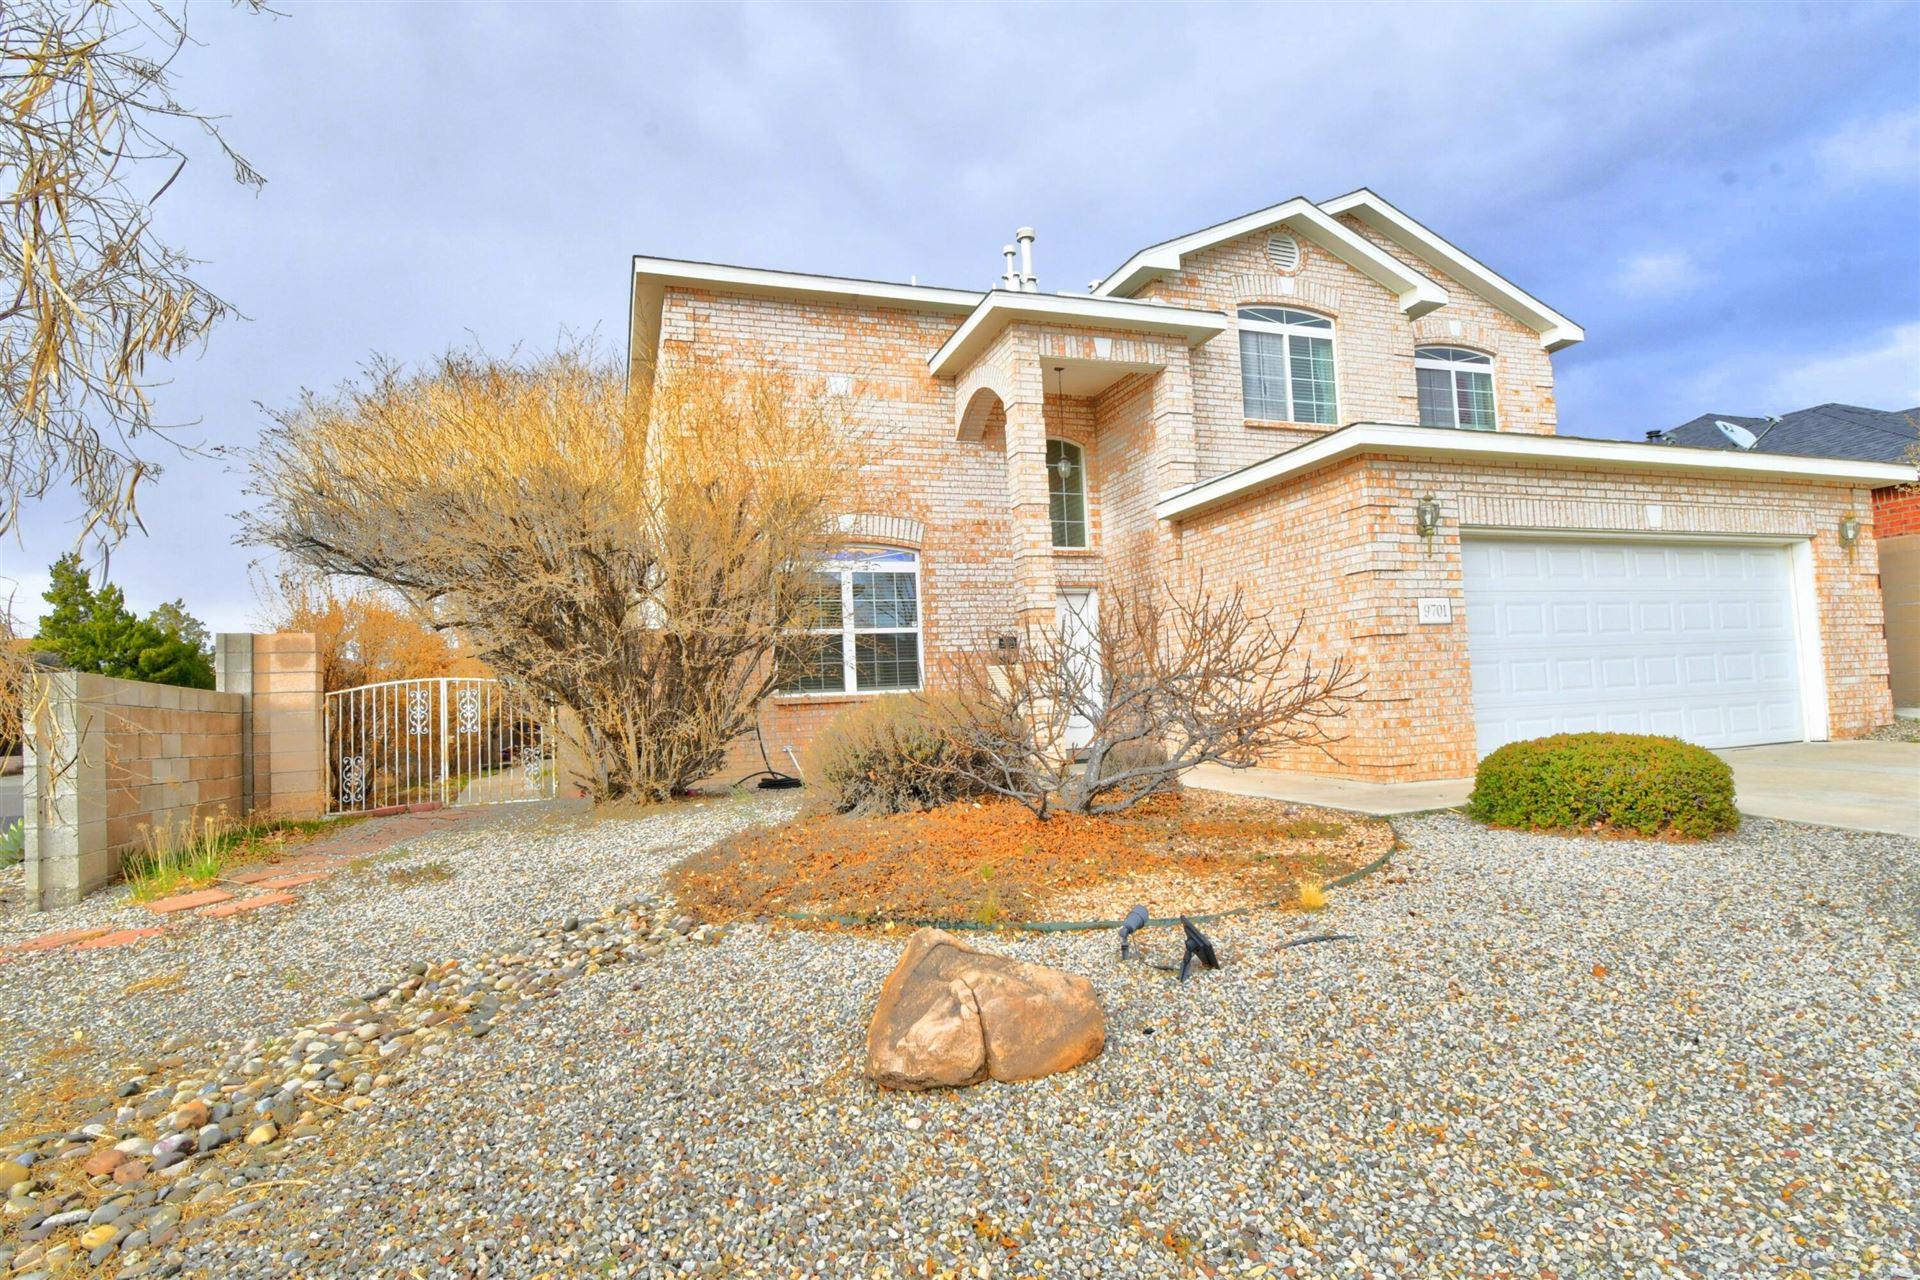 9701 TALEA Court NE, Albuquerque, NM 87122 - MLS#: 987628